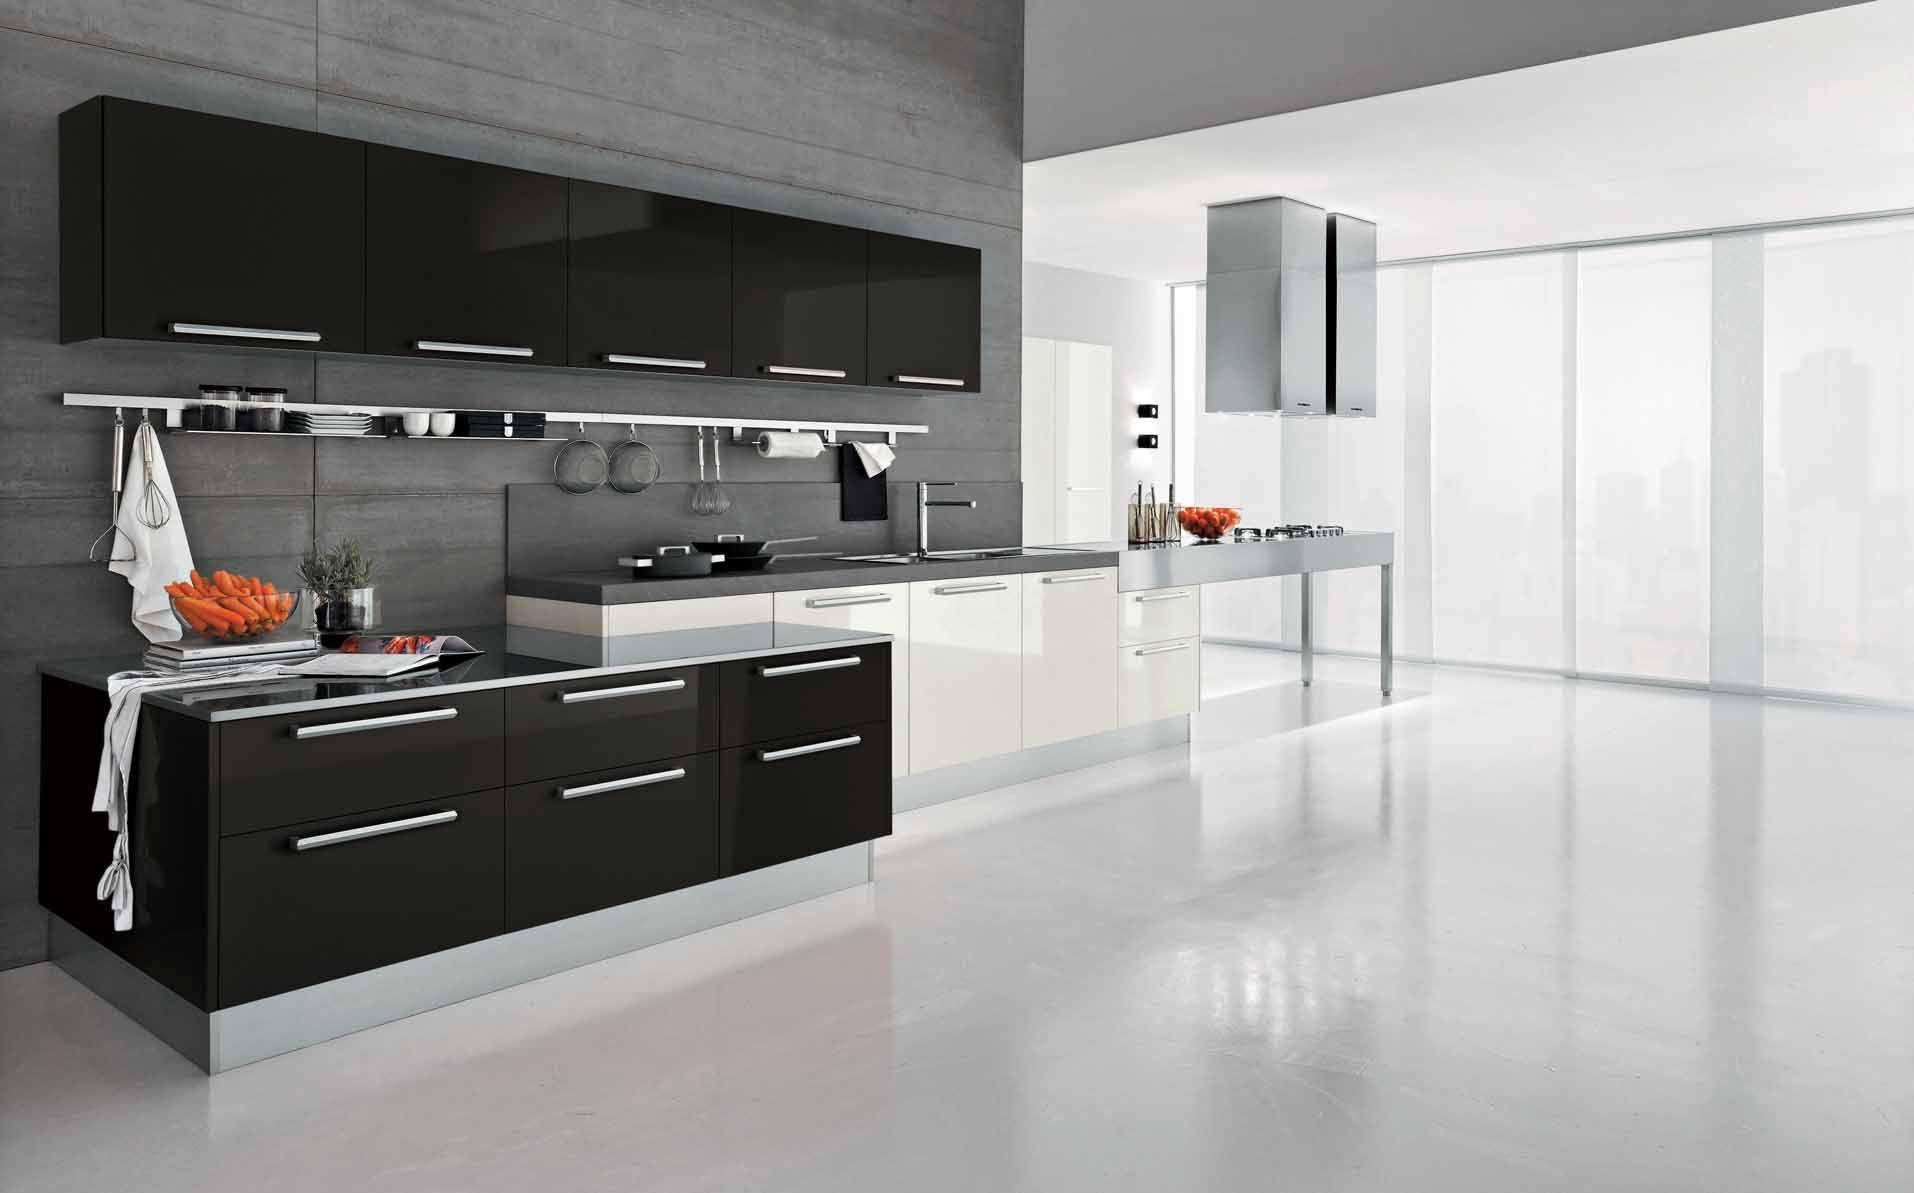 U-förmige küchendesigns modern kitchen designs from berloni modern dark wave kitchen design